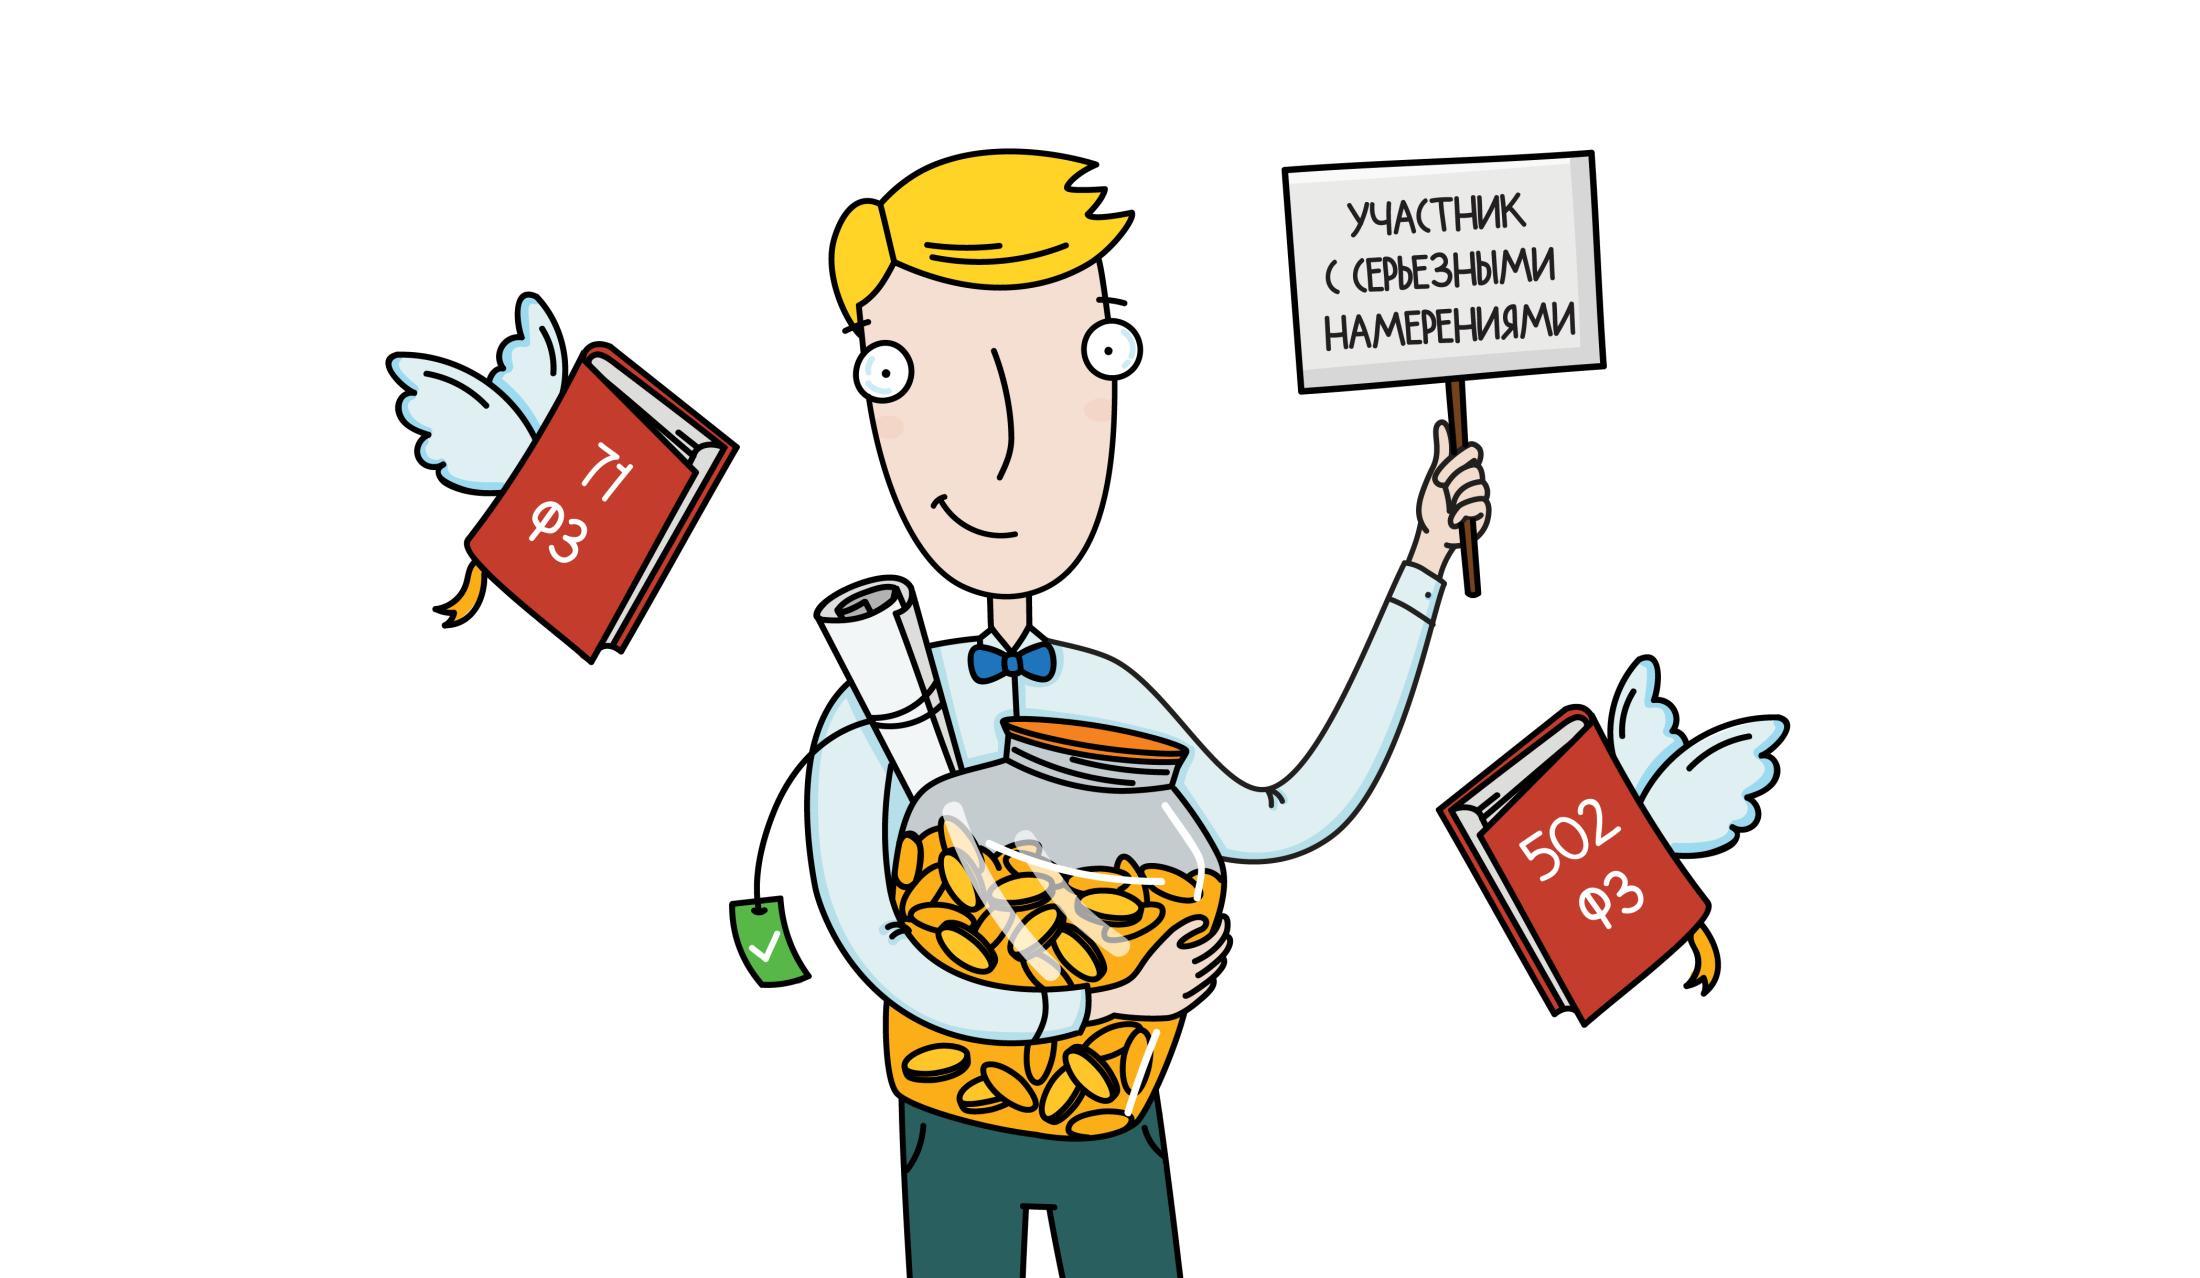 Срок действия банковской гарантии при обеспечении контракта